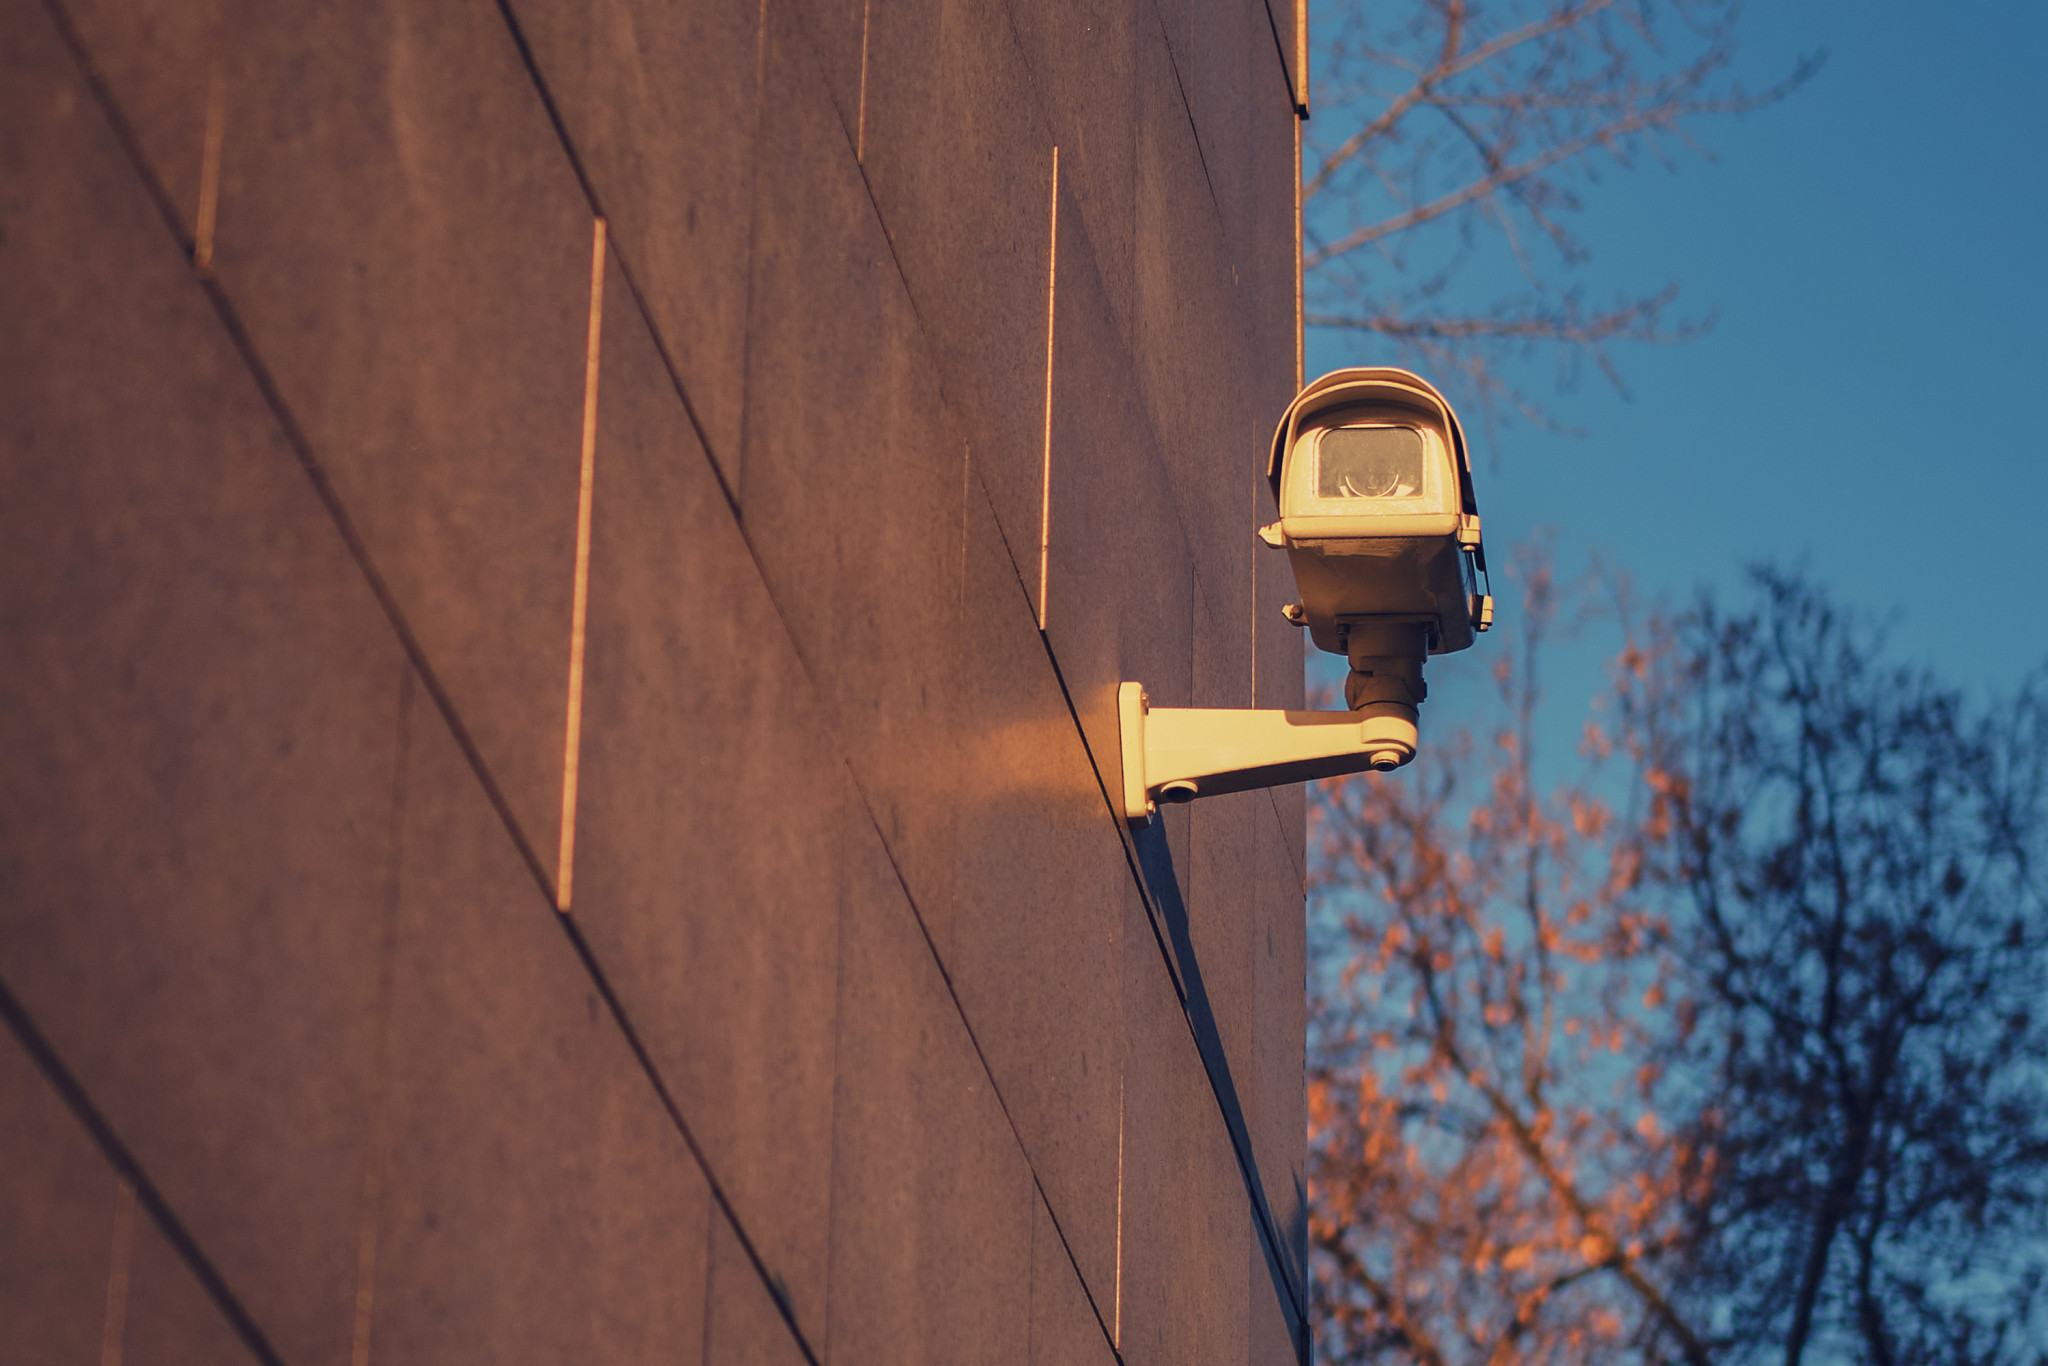 Övervakningskamera fäst på fastighet. Närbild med vy över urbant område under solnedgång.